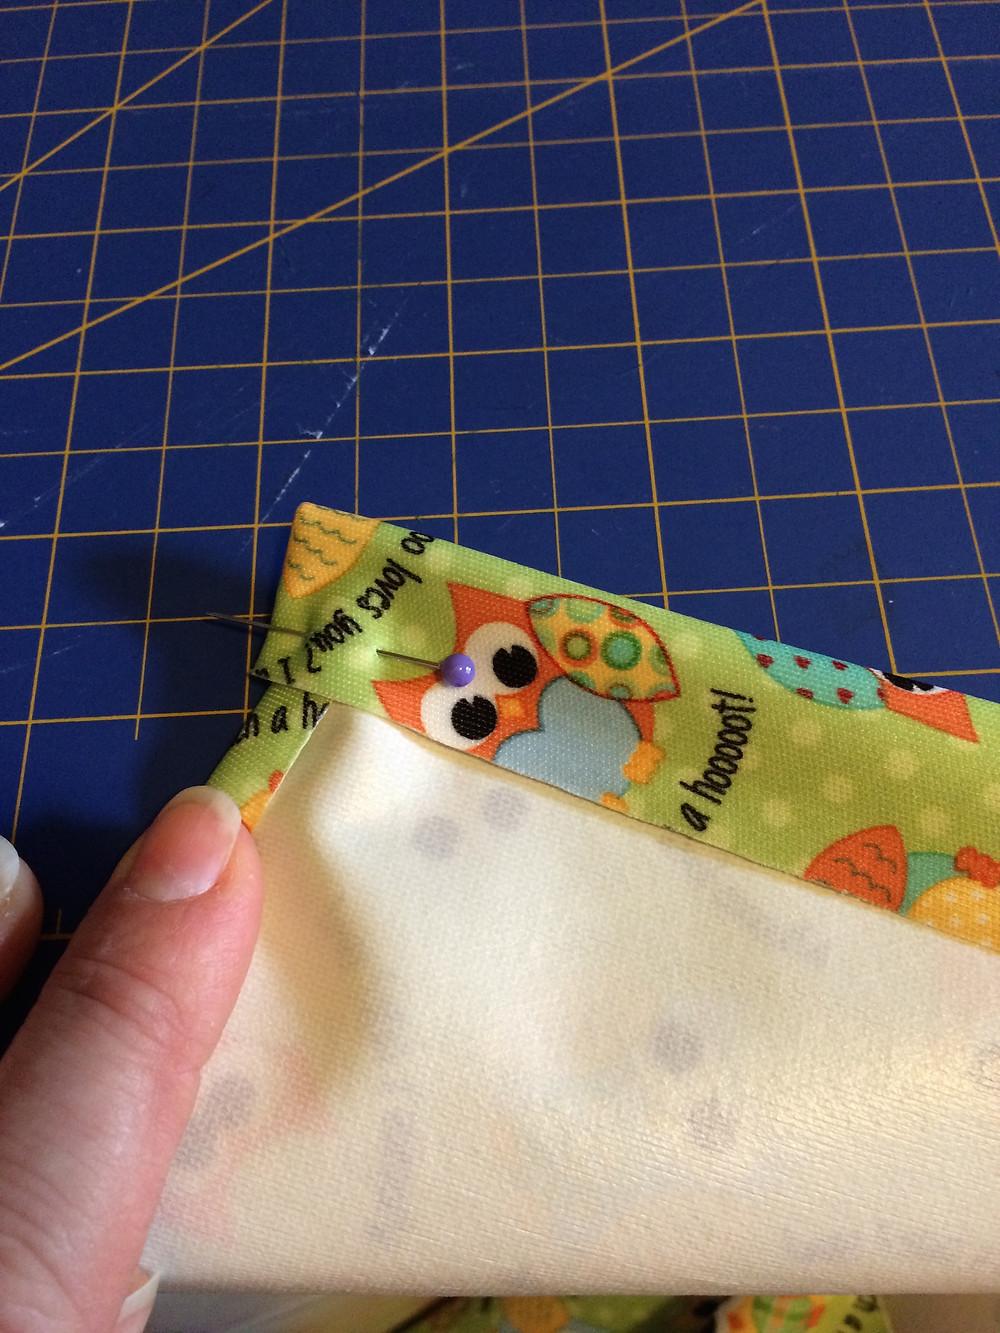 Wet bag drawstring casing